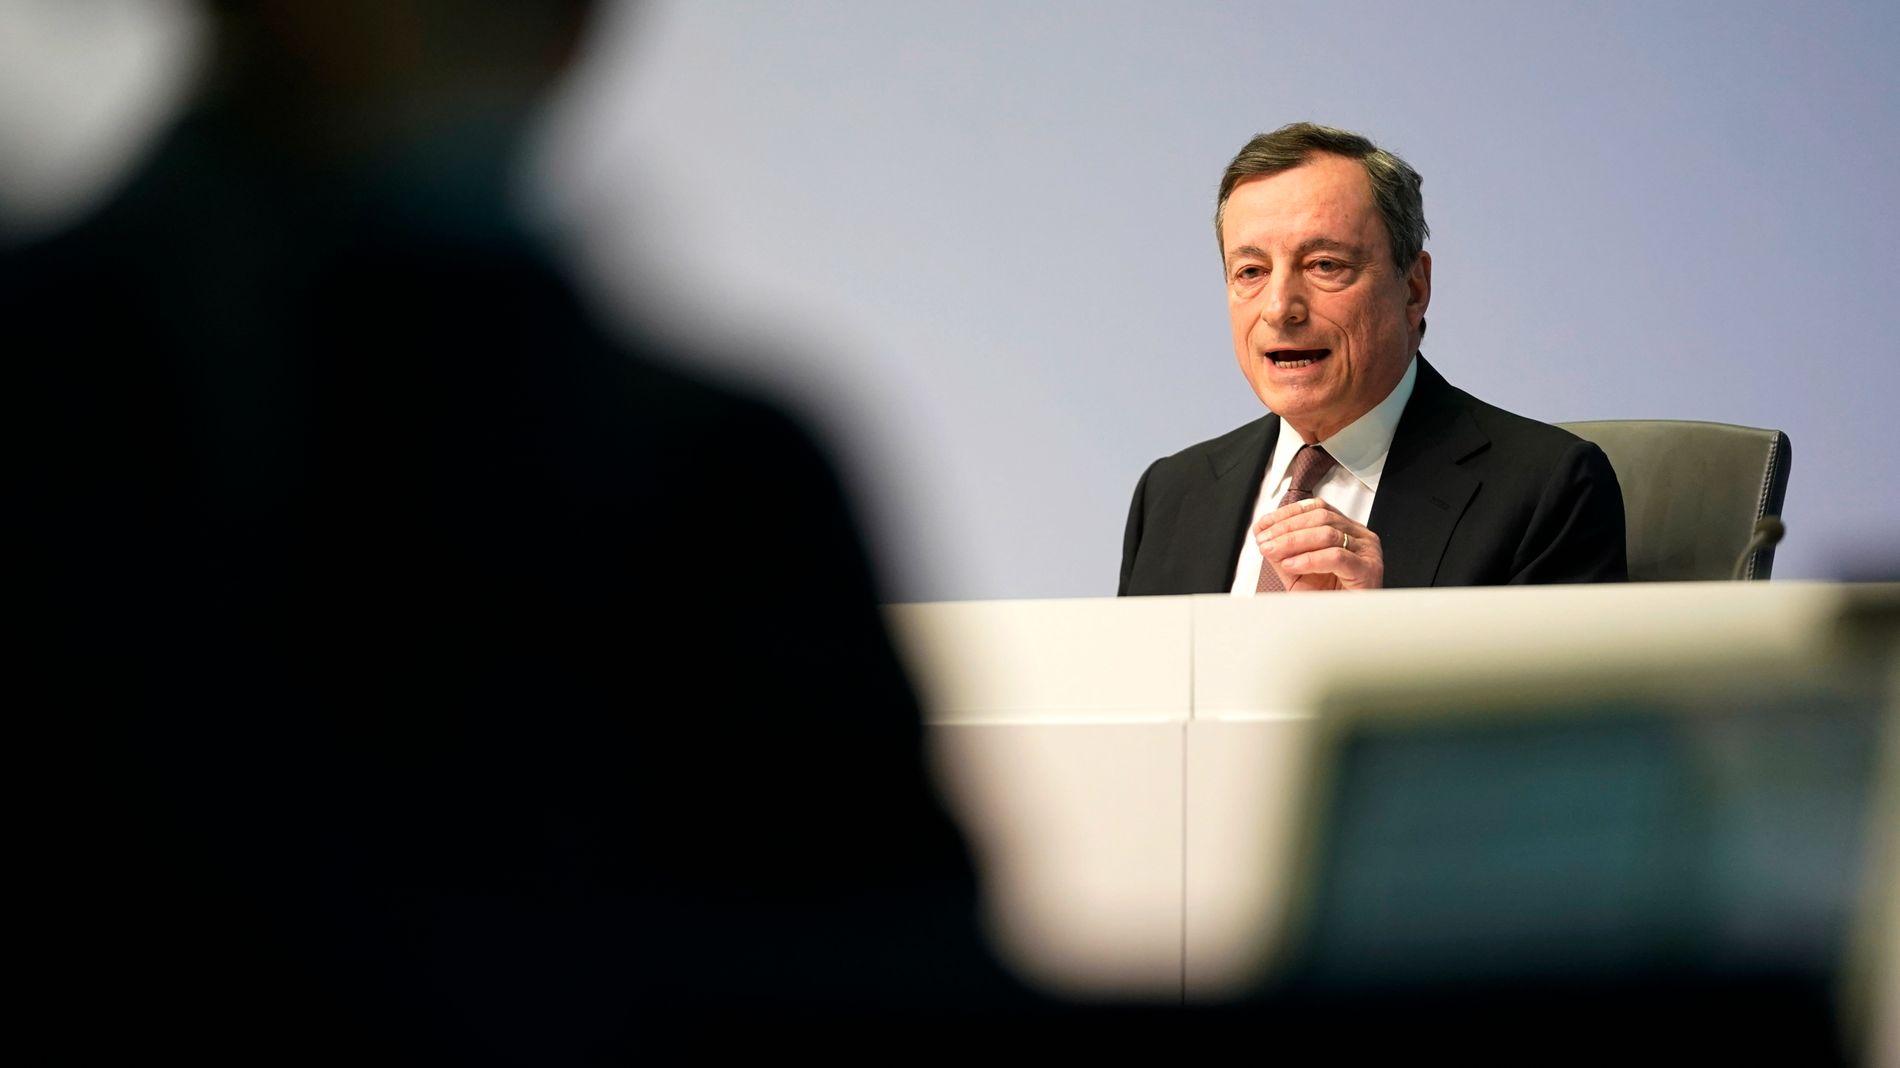 SENTRALBANK: Den europeiske sentralbanken offentliggjør sin rentebeslutning torsdag ettermiddag.